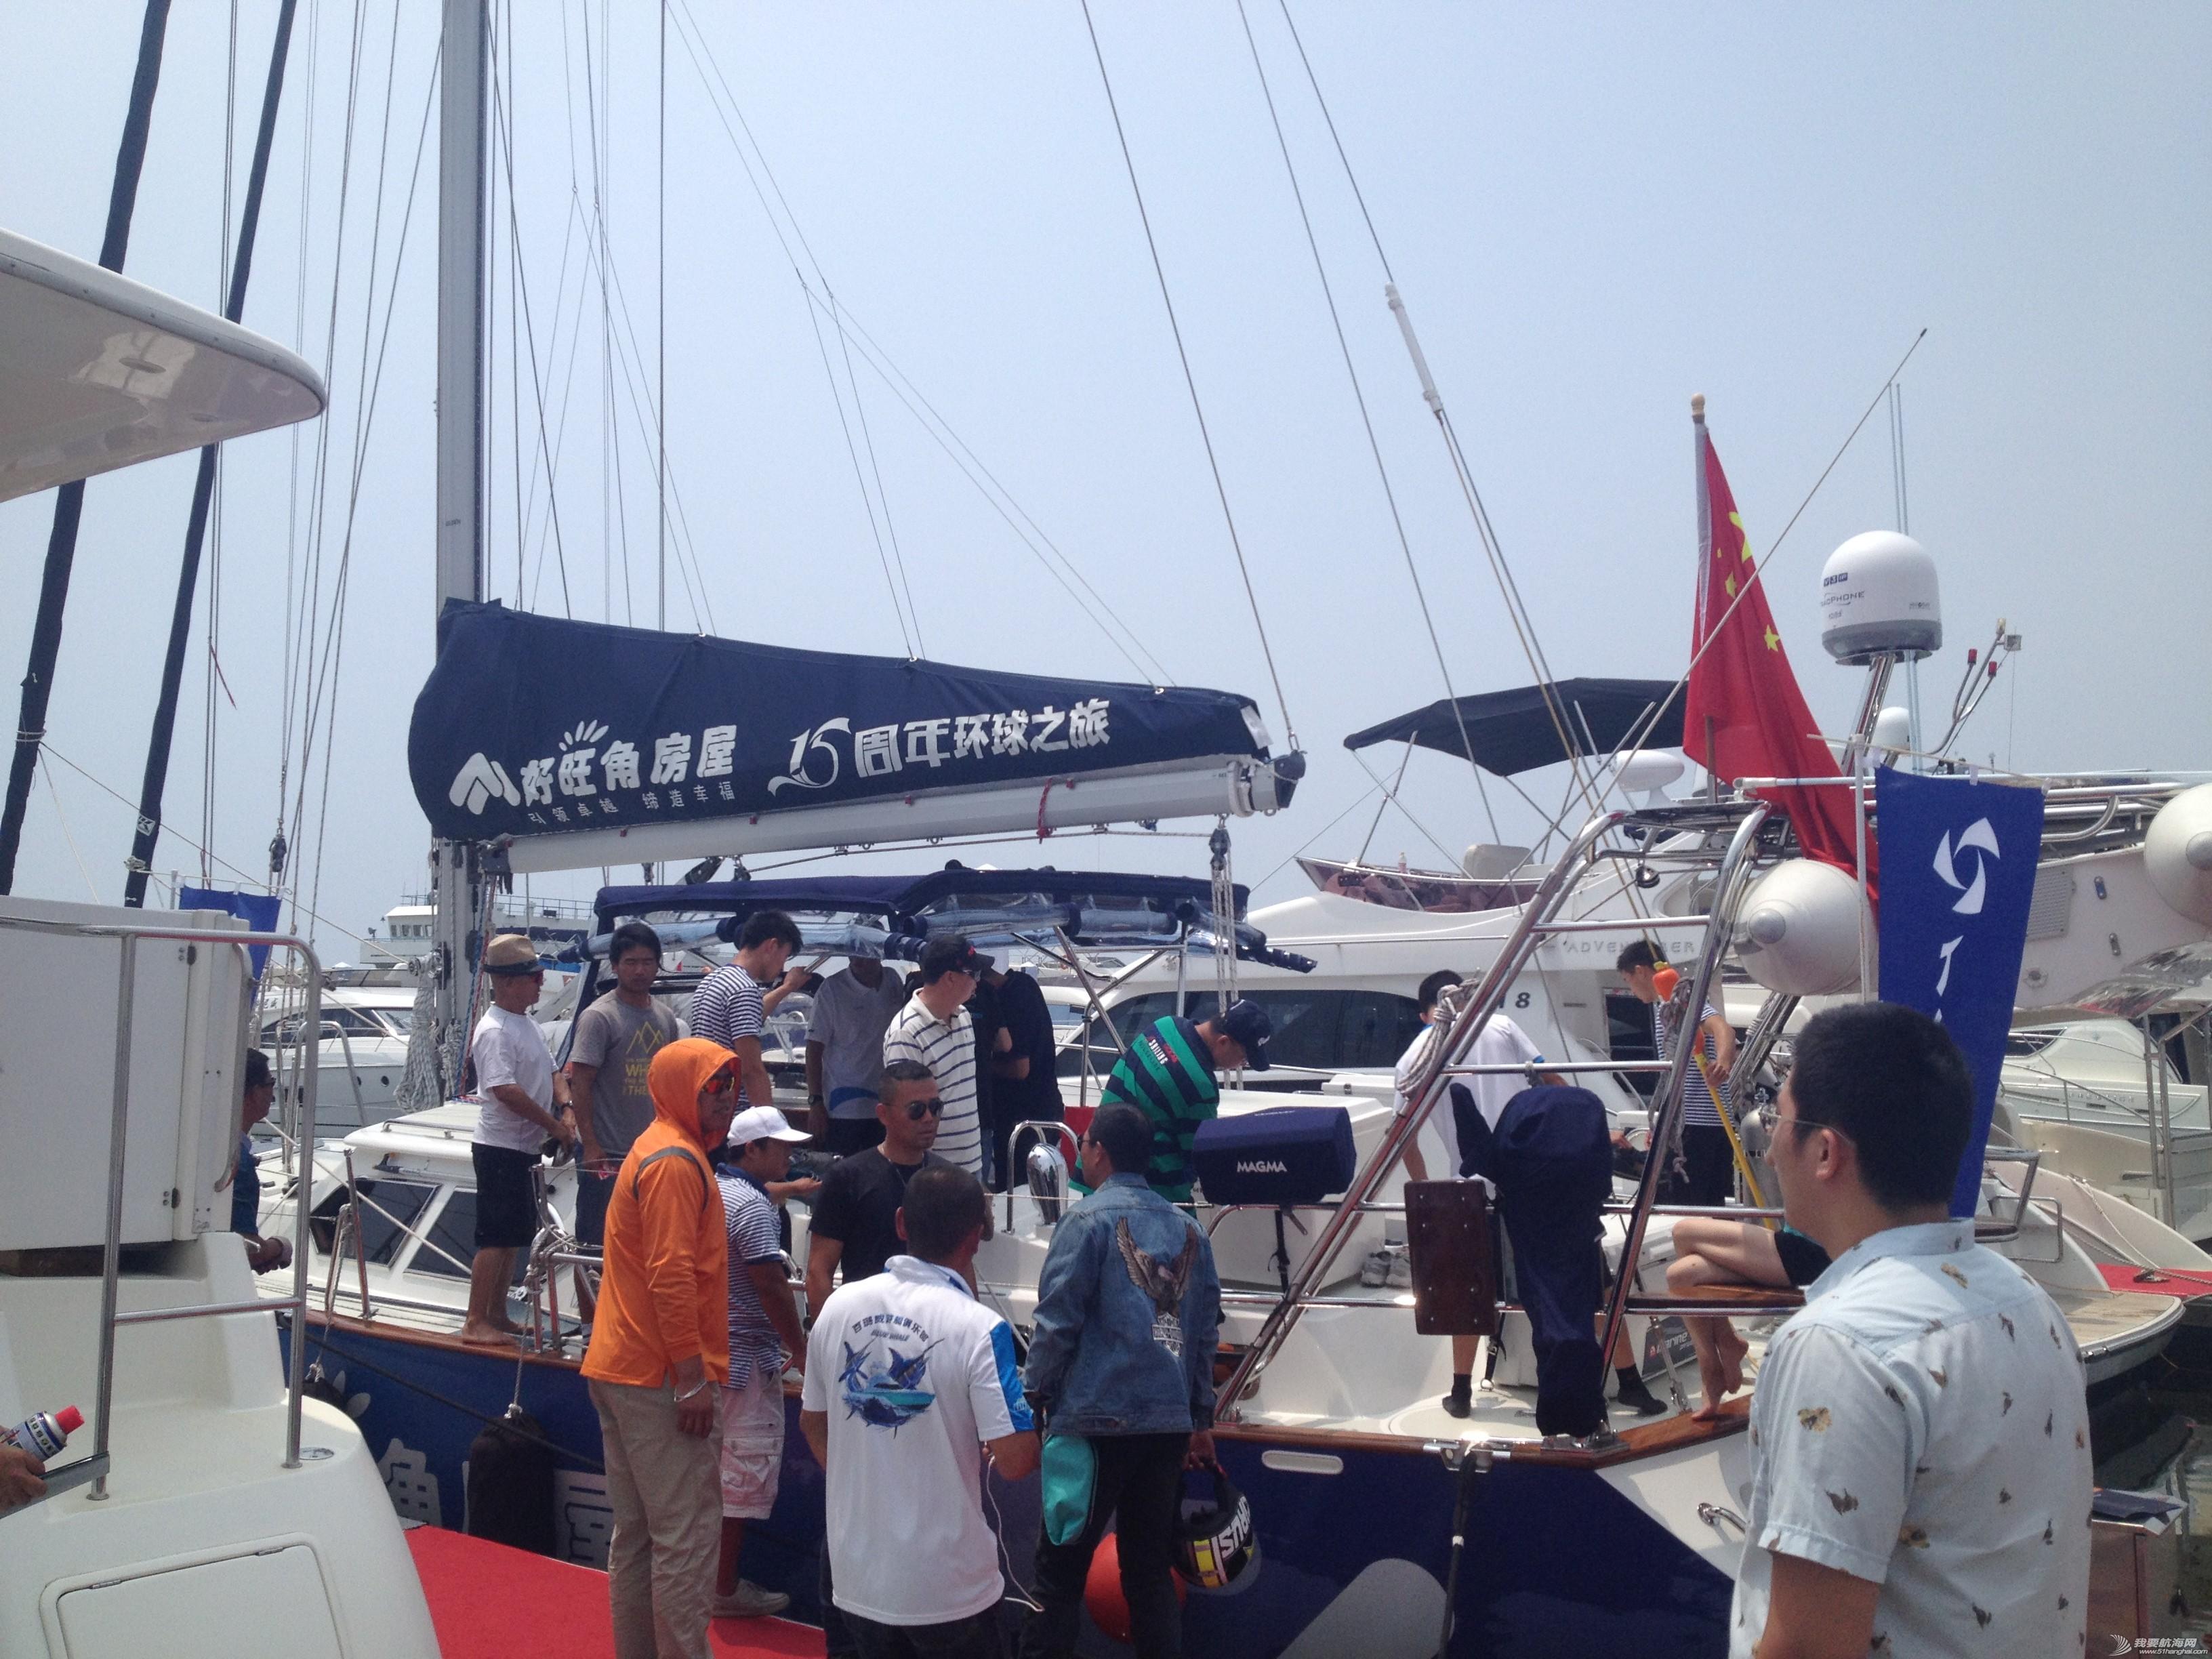 薛家平拜访7月即将开始环球航行的高民船长并交流航海路线 IMG_5099.JPG